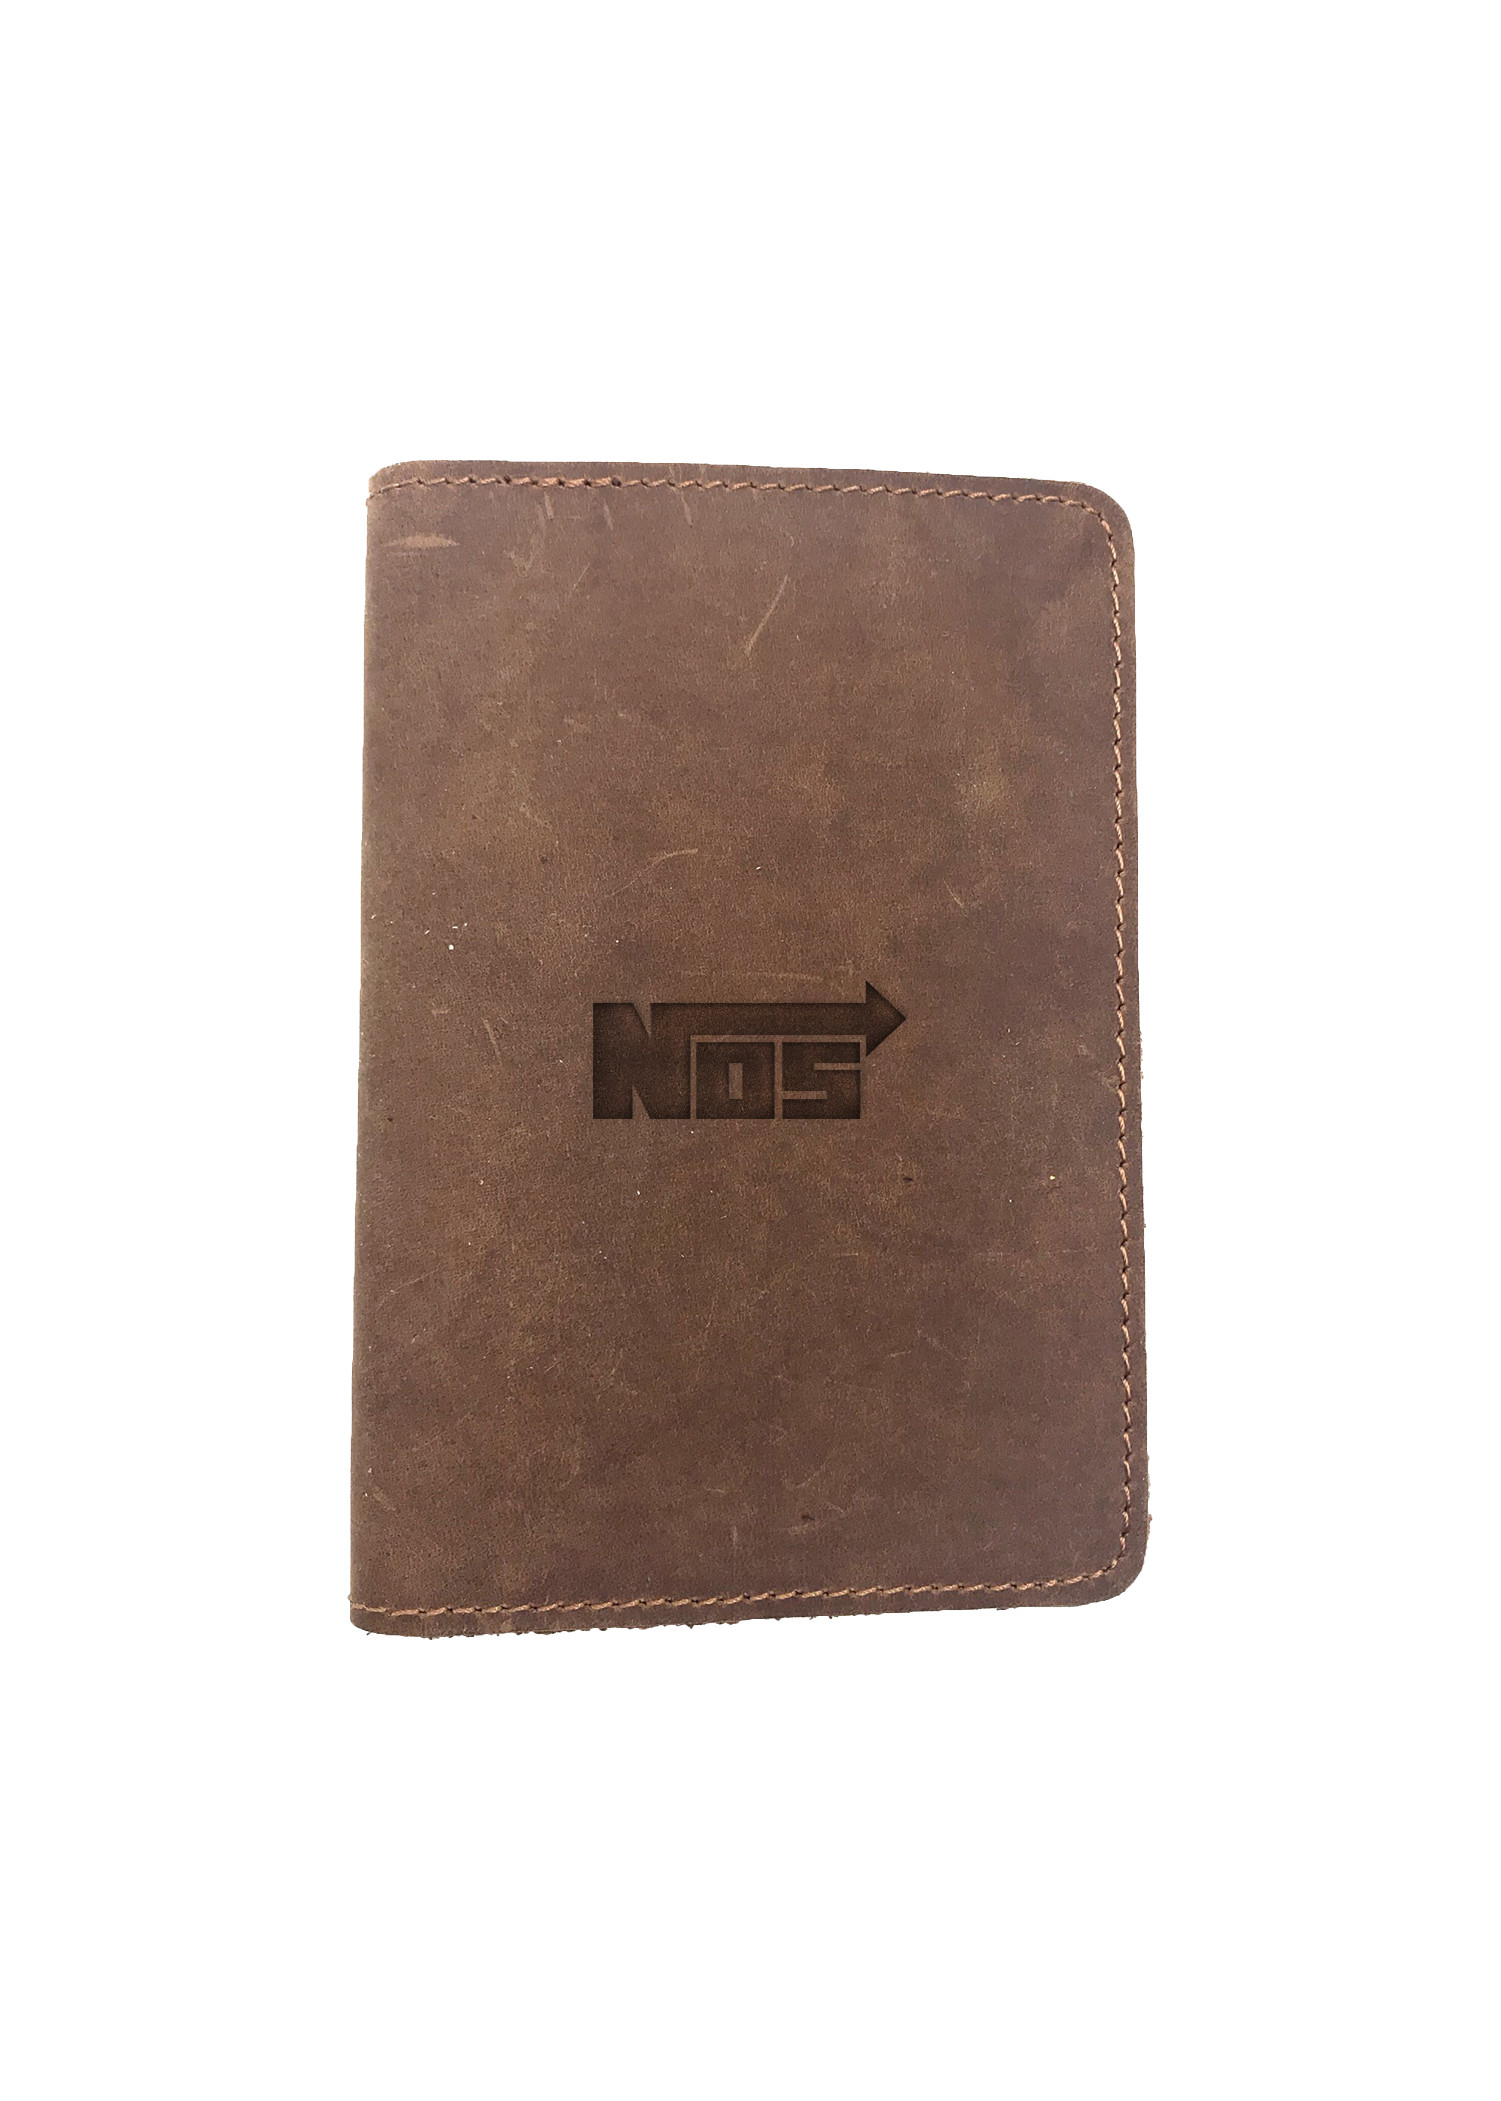 Passport Cover Bao Da Hộ Chiếu Da Sáp Khắc Hình Chữ NOS (BROWN)